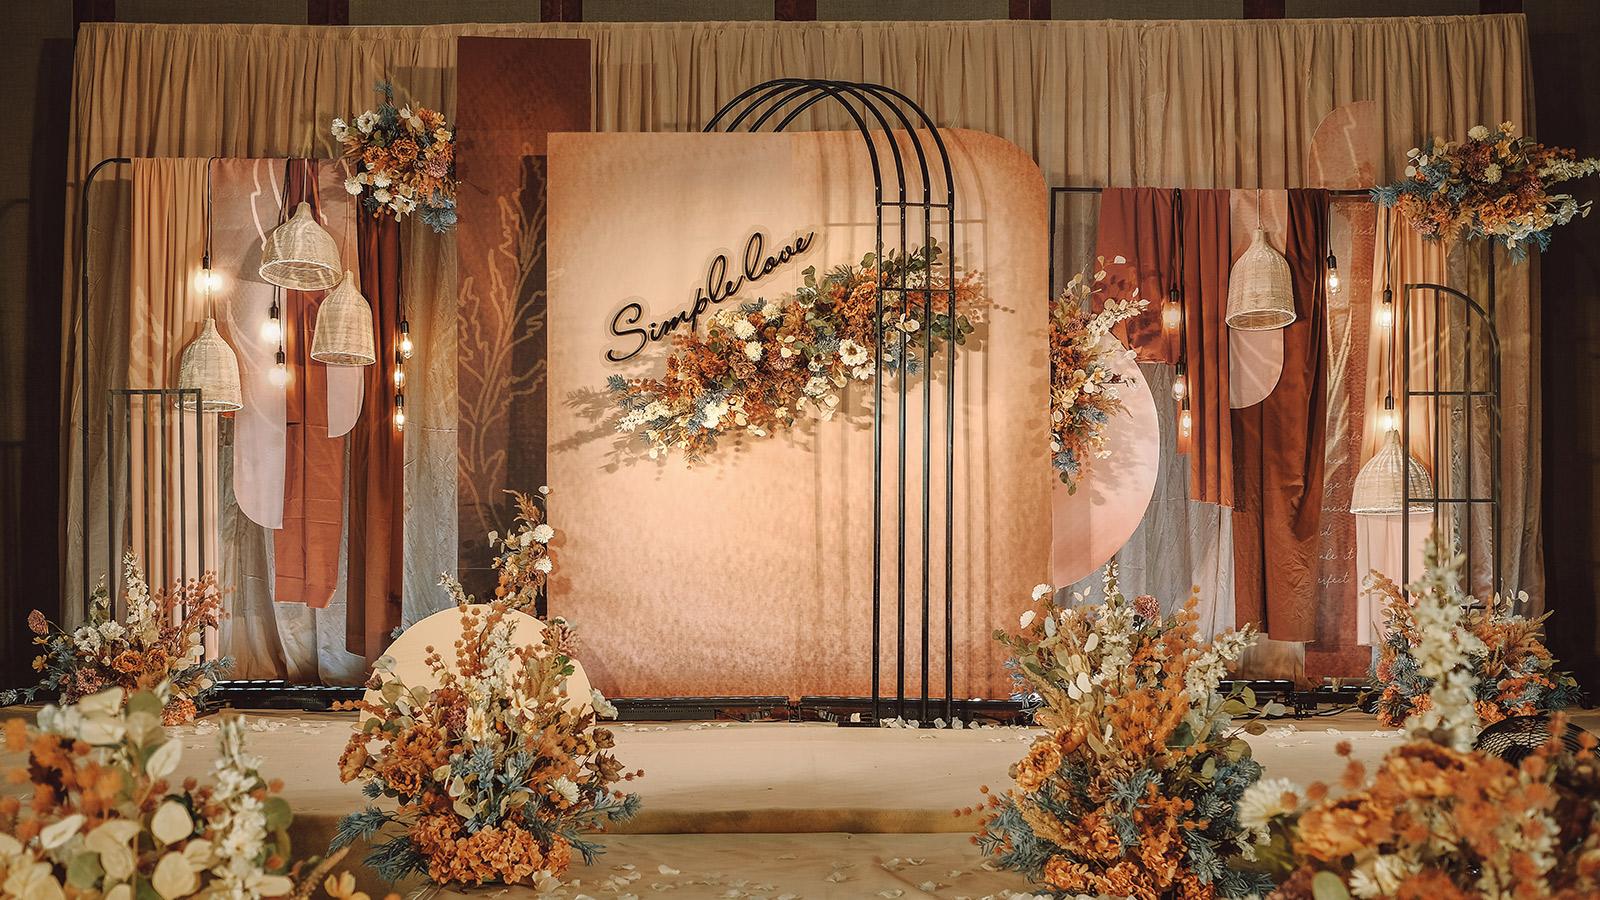 新泰市婚礼策划方案:简单爱